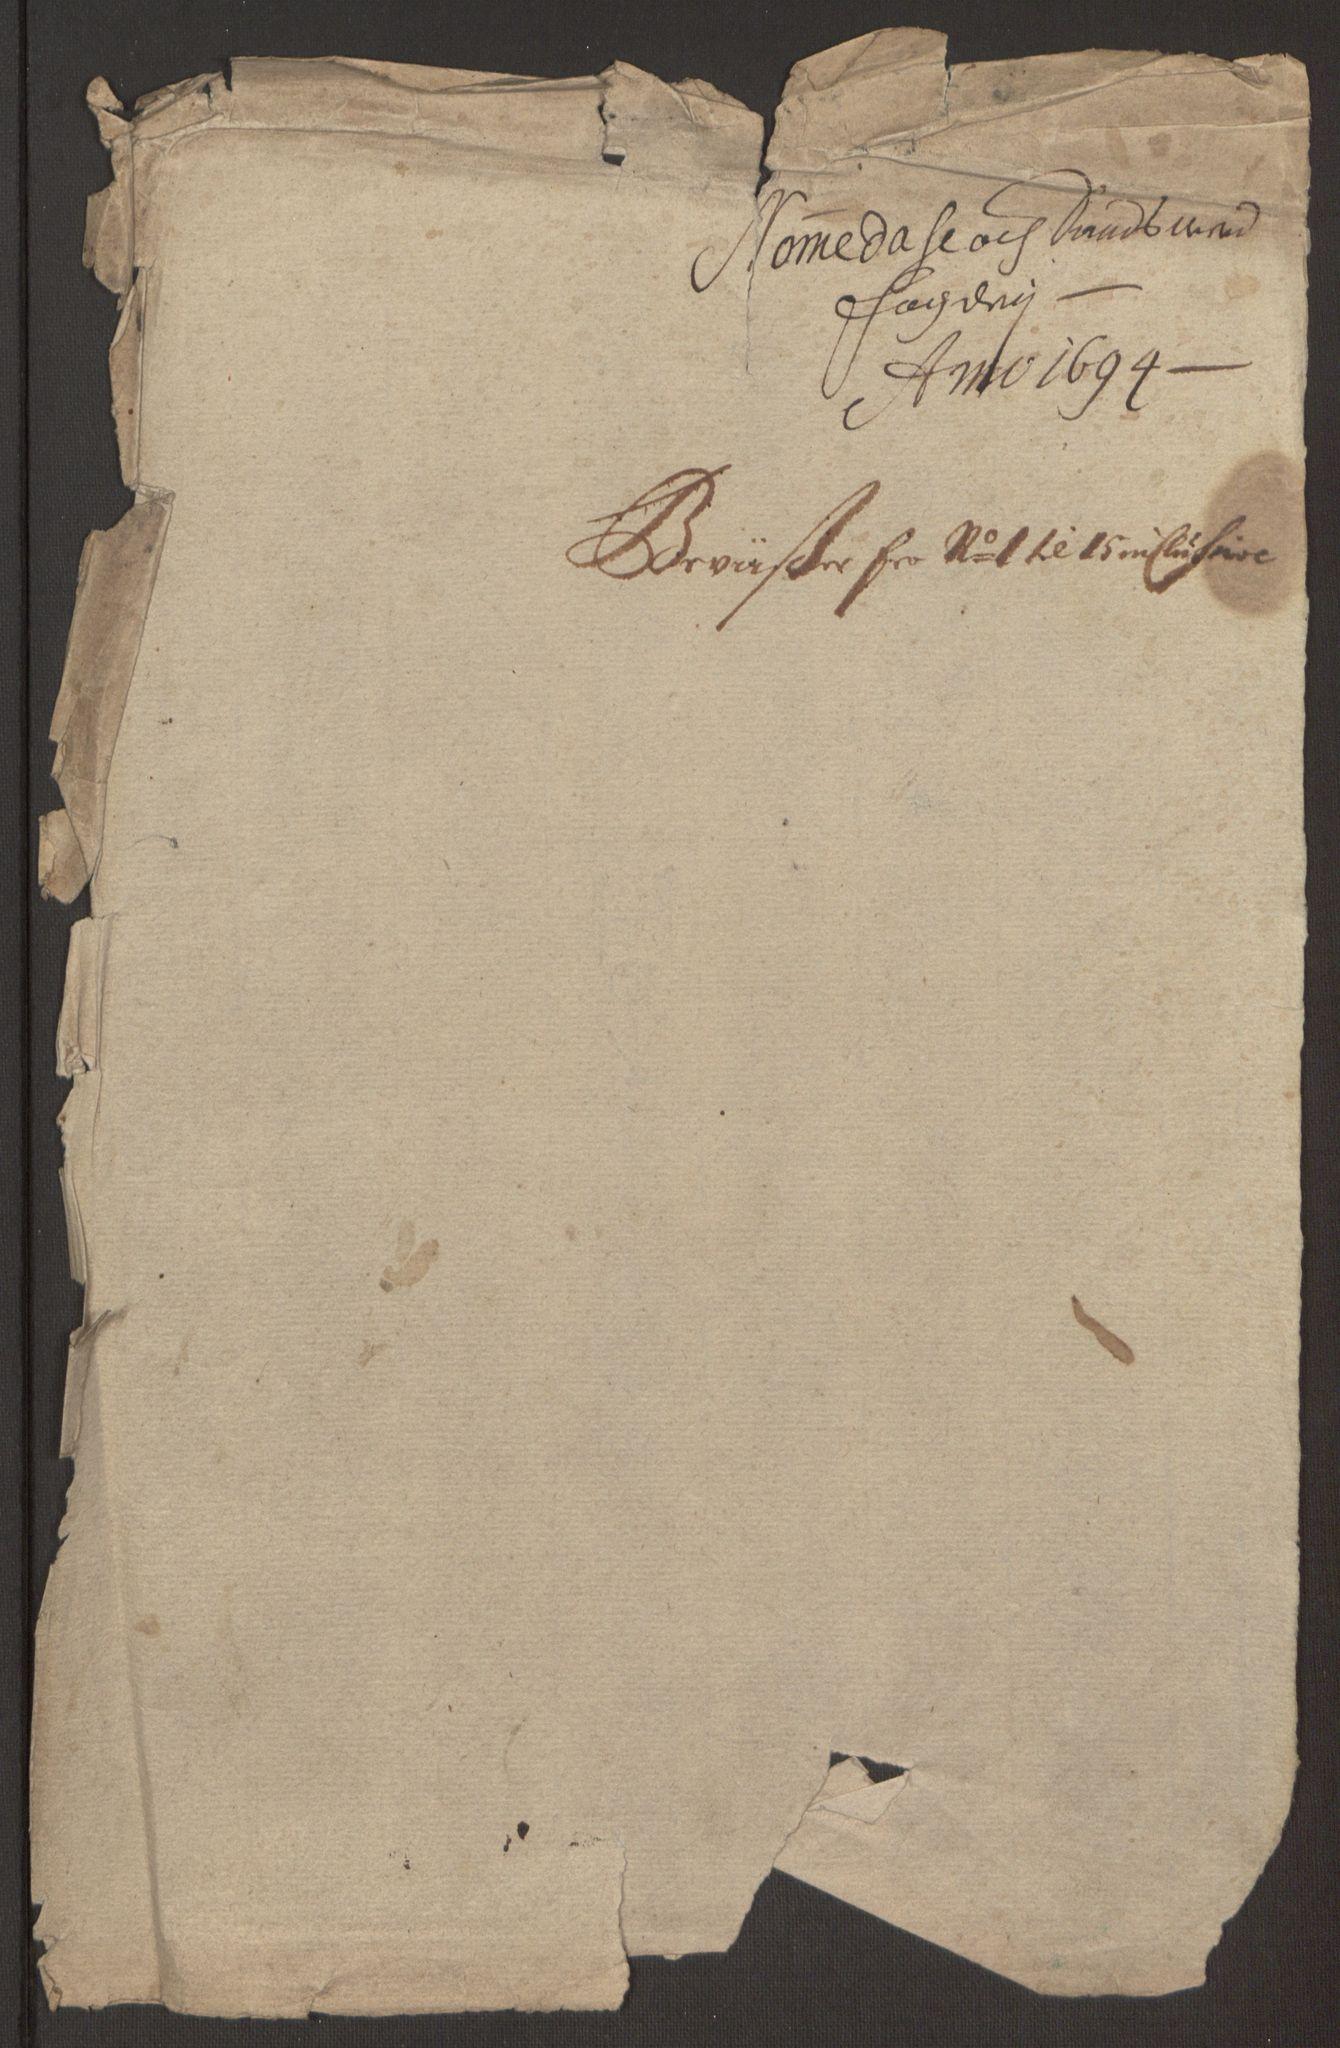 RA, Rentekammeret inntil 1814, Reviderte regnskaper, Fogderegnskap, R24/L1575: Fogderegnskap Numedal og Sandsvær, 1692-1695, s. 468